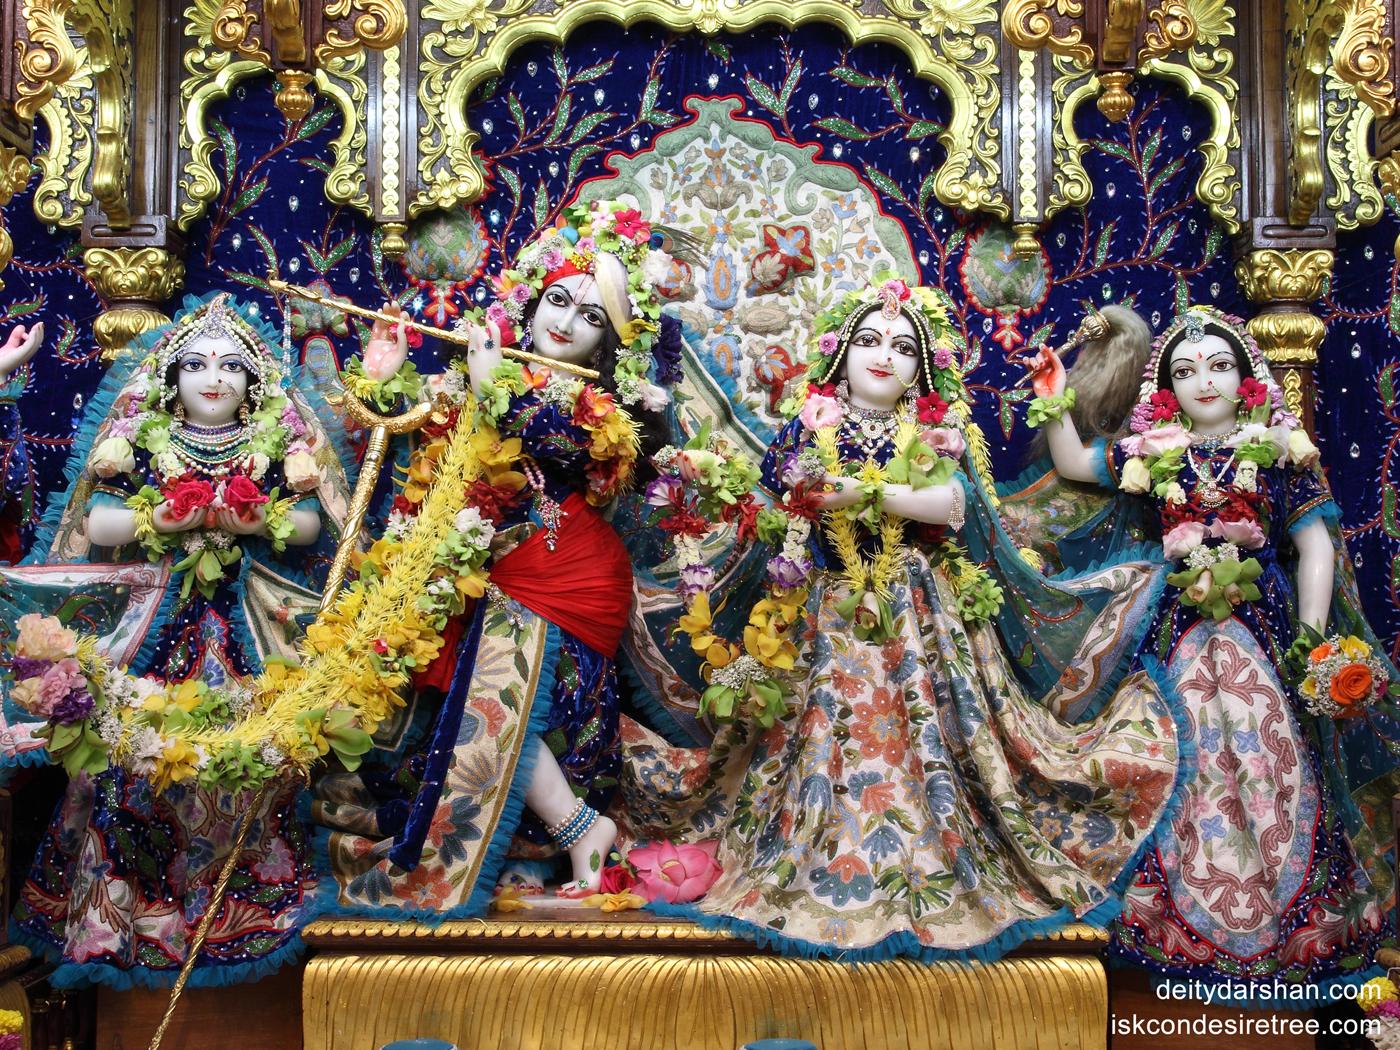 Sri Sri Radha Gopinath Lalita Vishakha Wallpaper (018) Size 1400x1050 Download